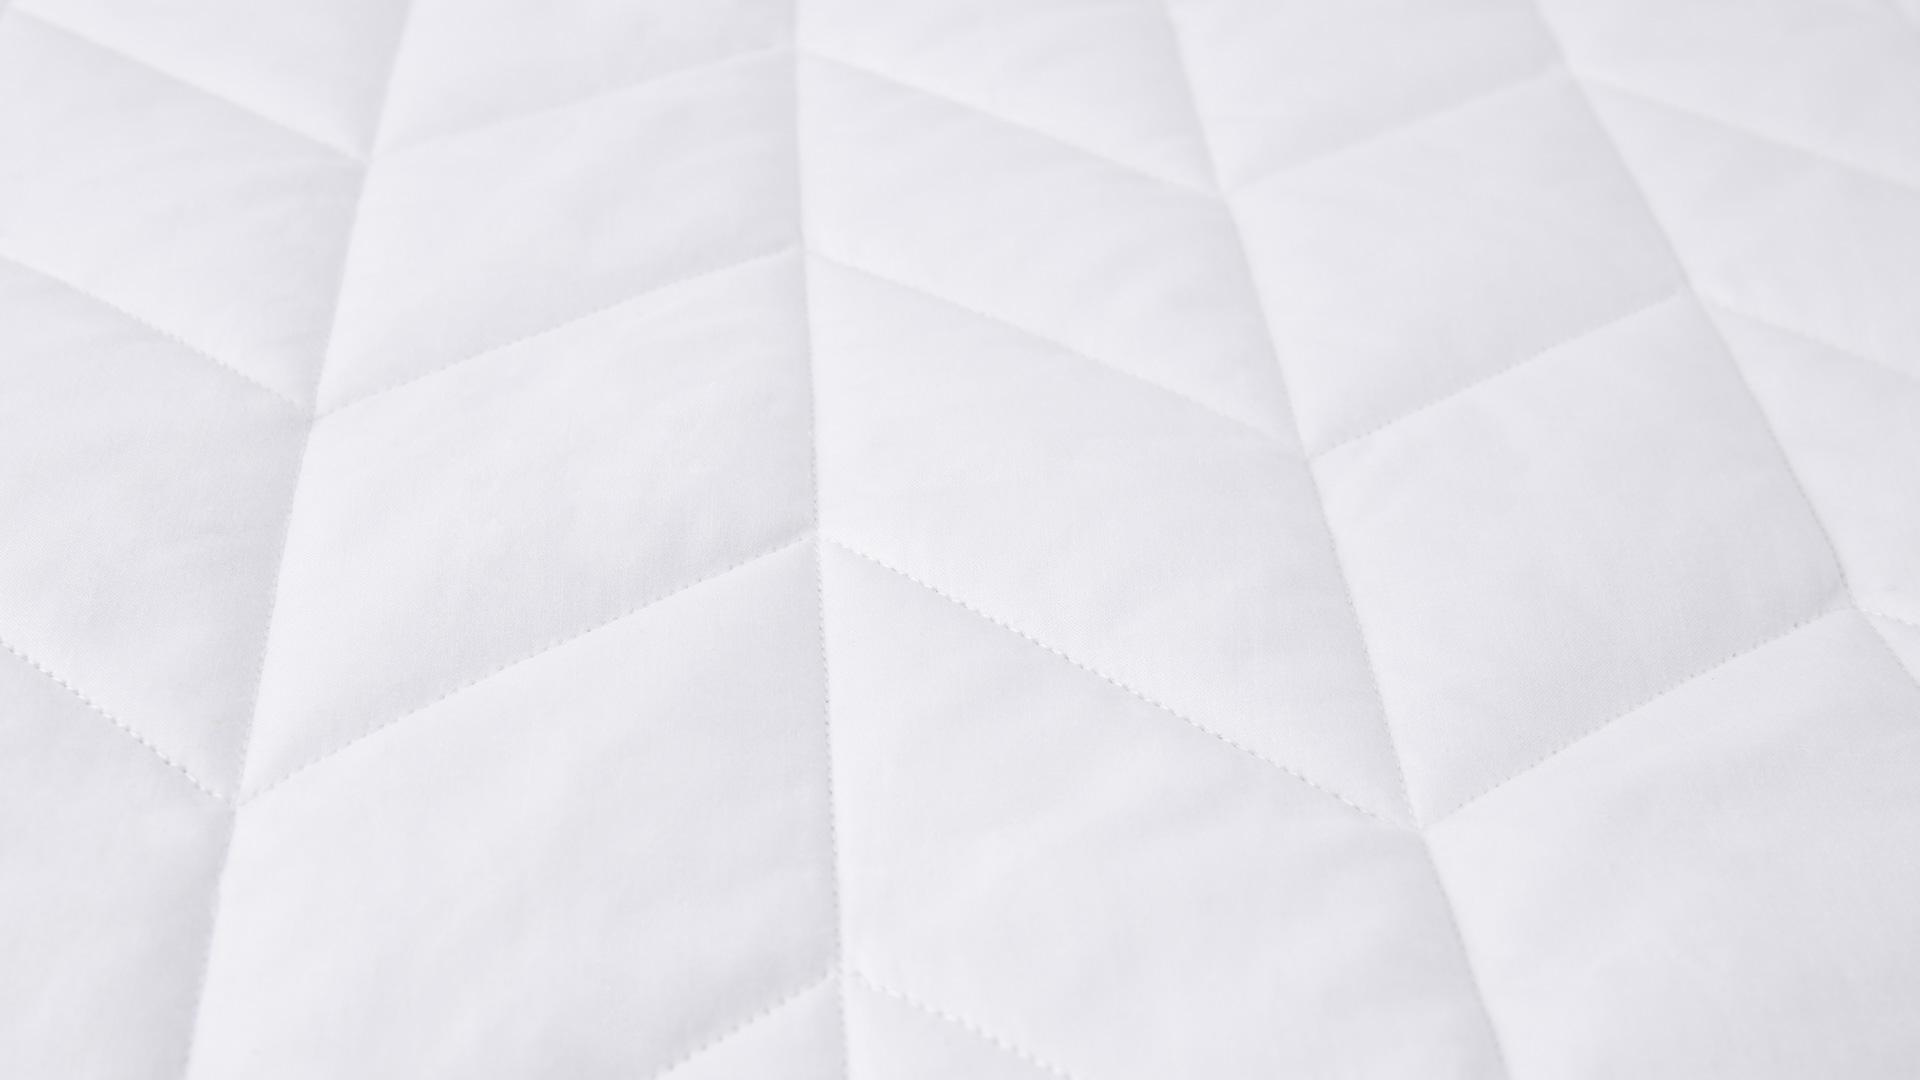 表面采用内衣品级100%全棉面料,面料纱线以40纱支200根密度为标准,质感细腻柔软,具有吸汗、保温、耐热、安全不刺激的特性,每晚给肌肤婴儿般的吻。所有菱形格子均采用45°折线绗缝工艺,保证填充物固定不脱絮的同时床褥薄厚均匀,夹在床单与床垫间的小垫层都要精准美观。?x-oss-process=image/format,jpg/interlace,1